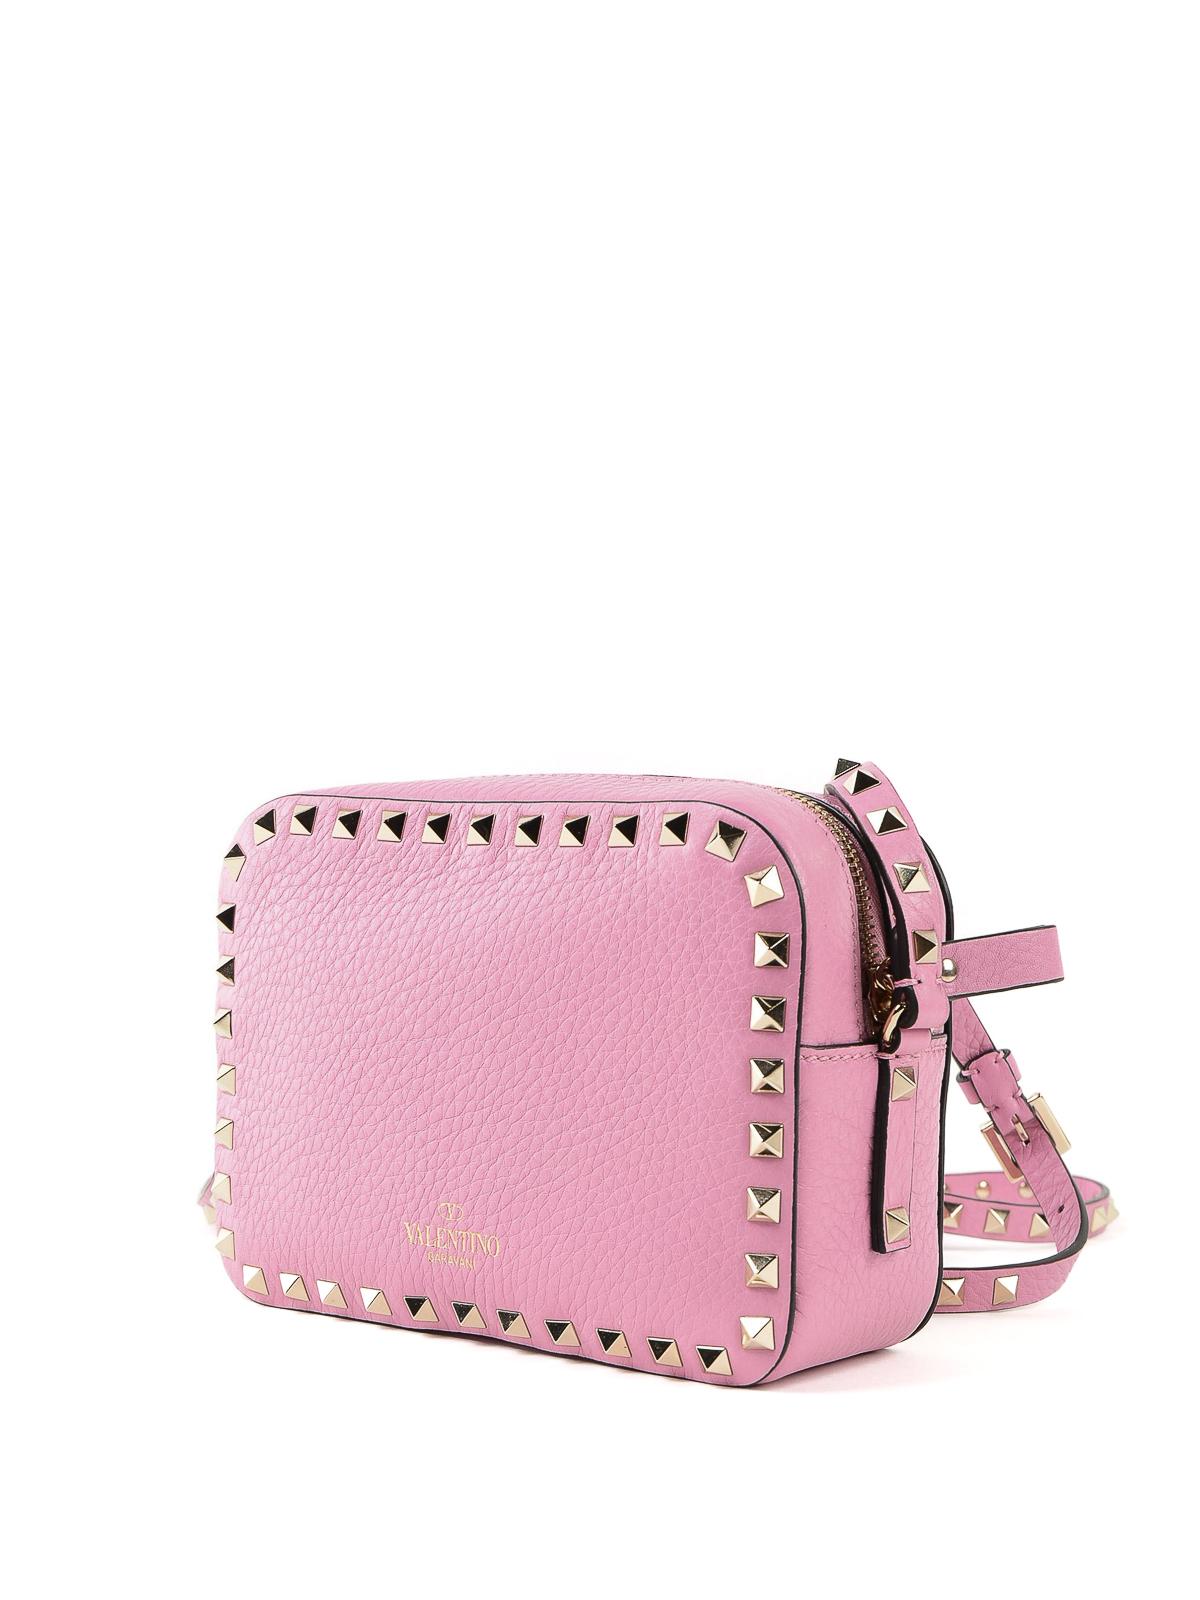 f541ebec51 iKRIX VALENTINO GARAVANI: shoulder bags - Rockstud pink leather camera bag